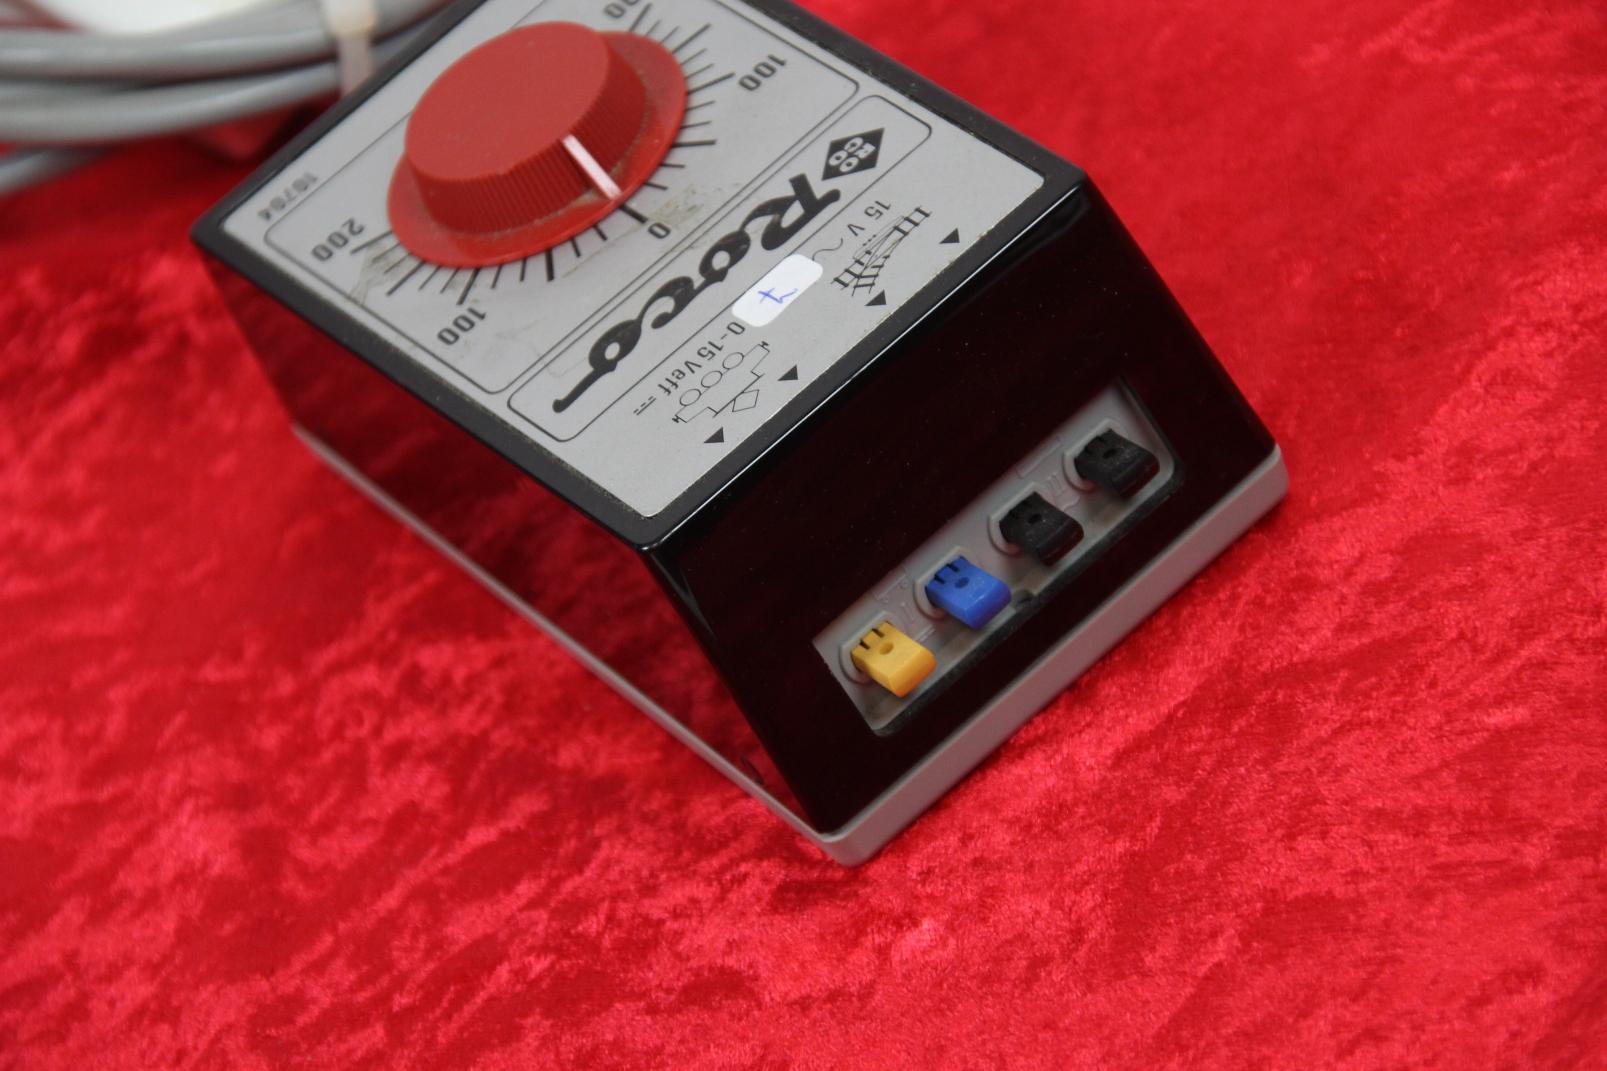 roco 10704 regel transformator 0 15 v f r spur h0 tt modellbahn regeltrafo trafo ebay. Black Bedroom Furniture Sets. Home Design Ideas